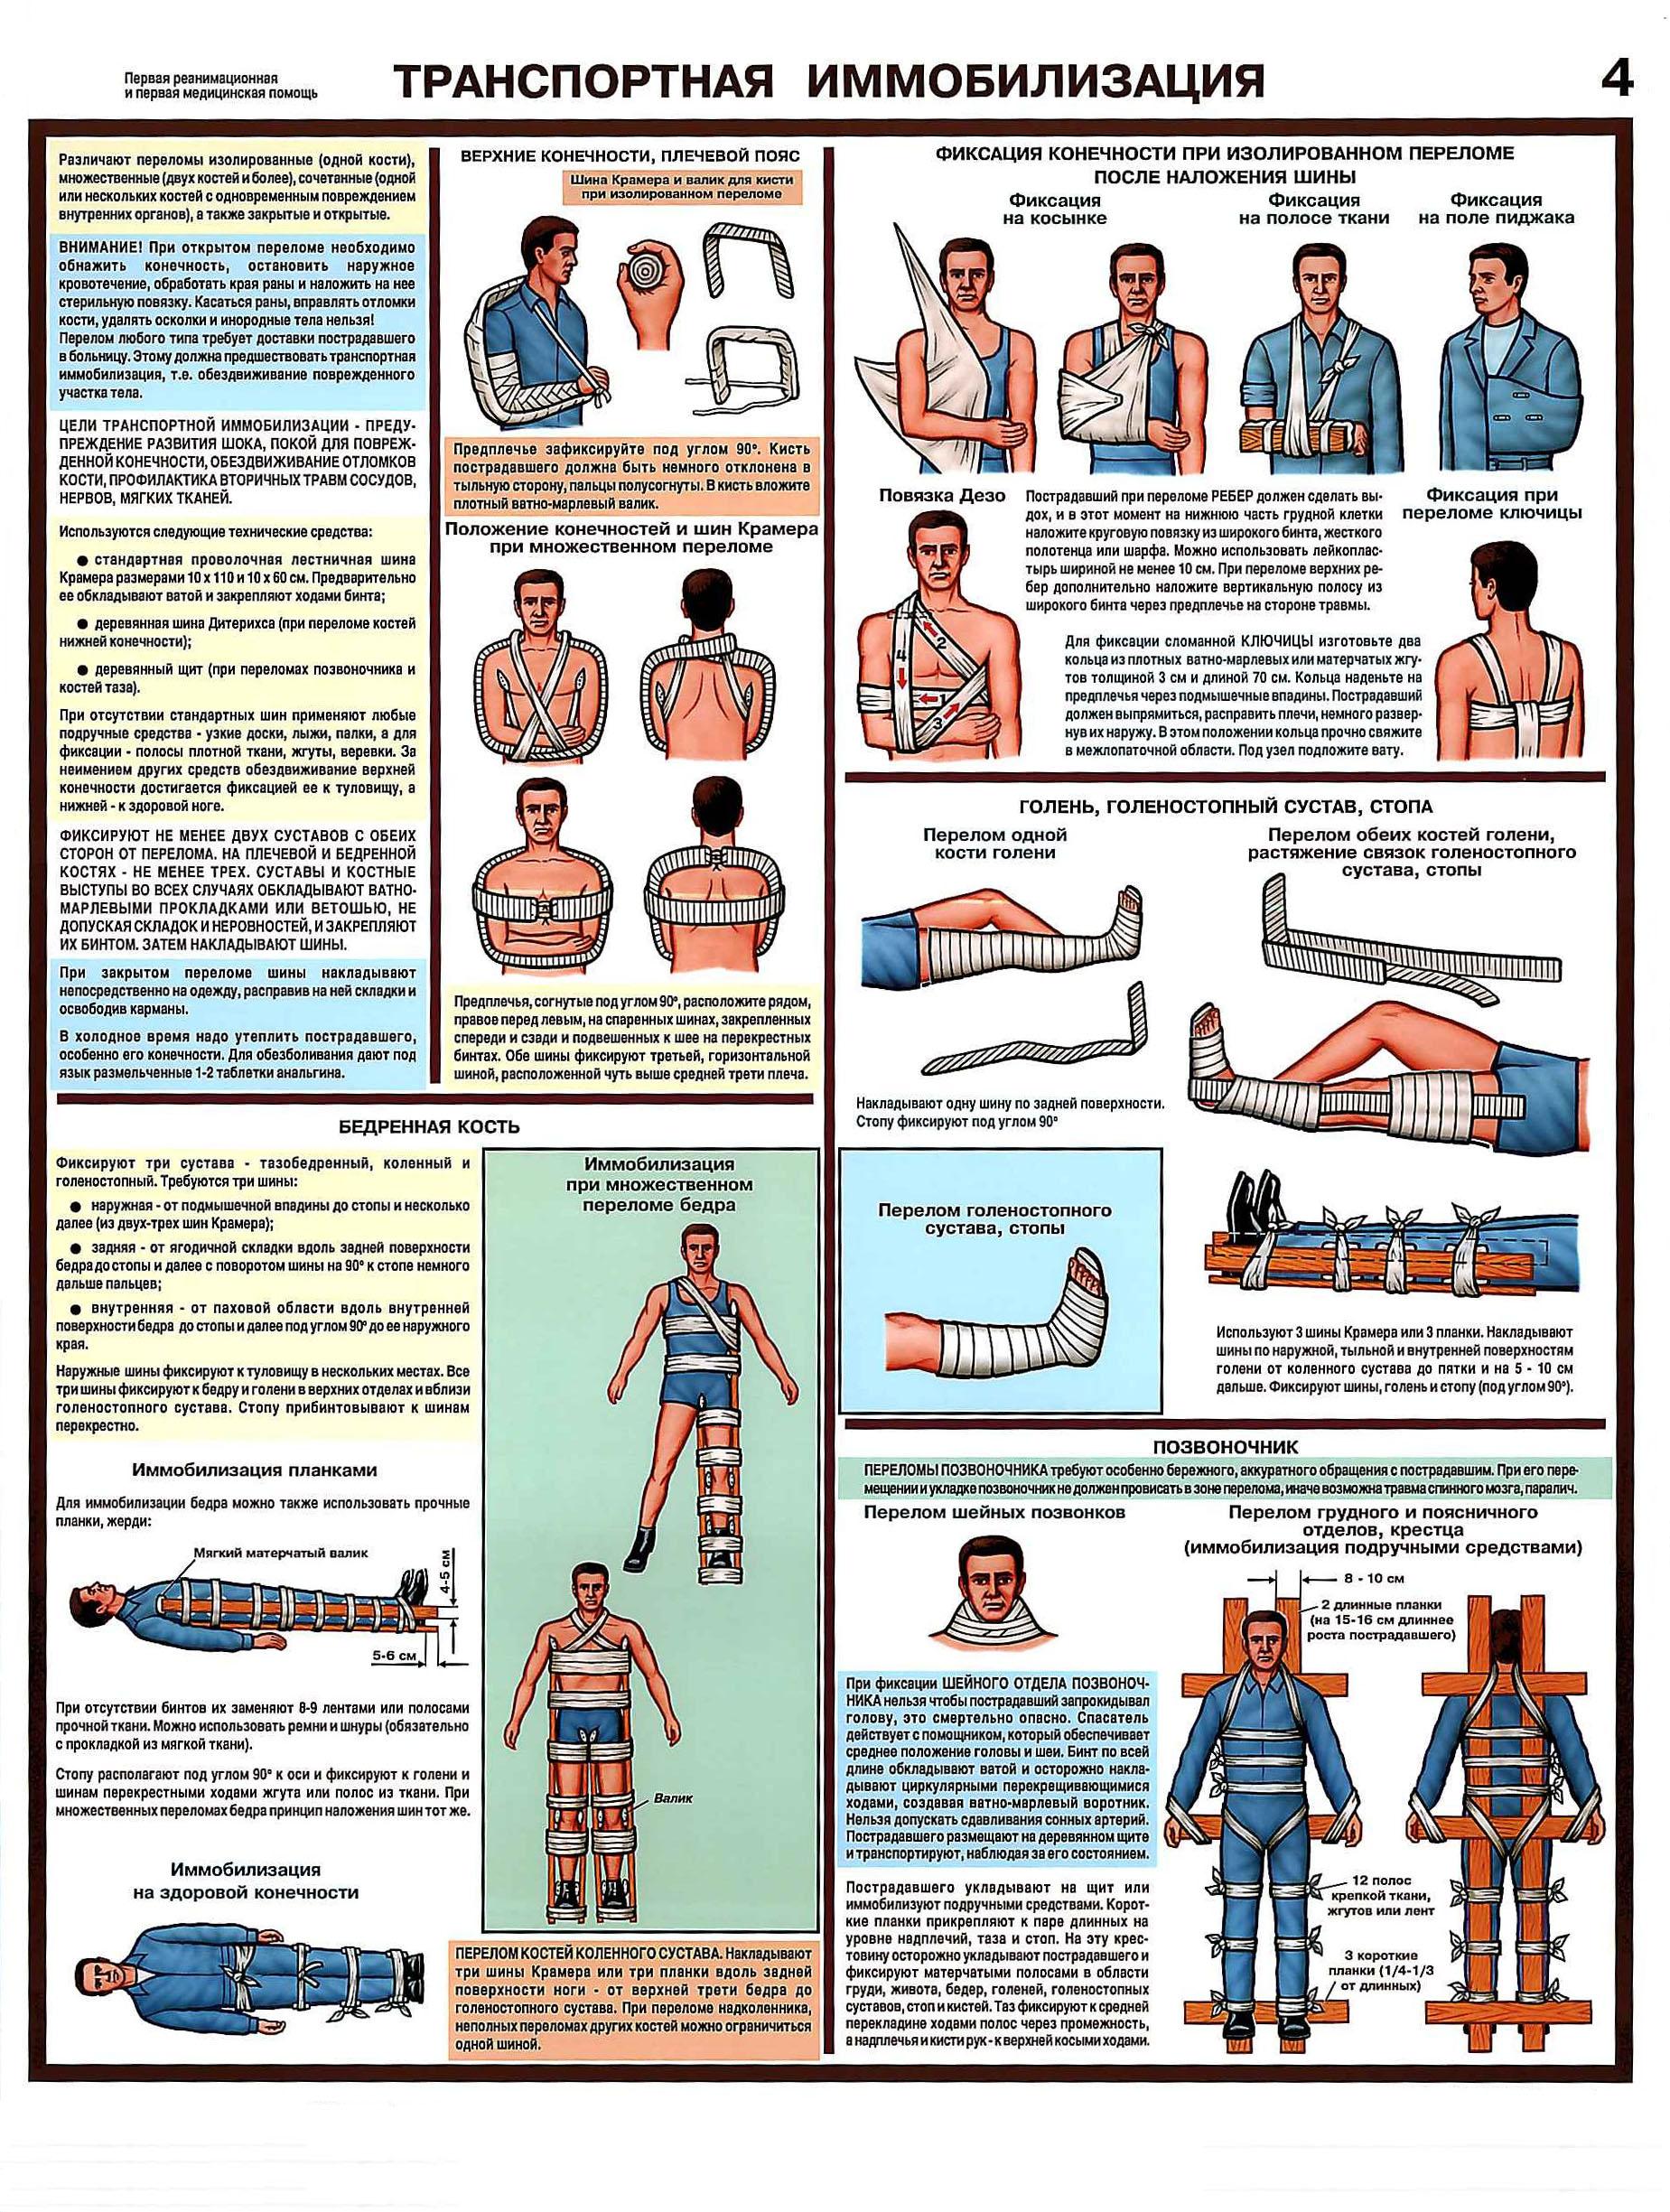 http://веб-механик.рф/images/plakat/med_pomosch/transportnaya_immobilizaziy.jpg